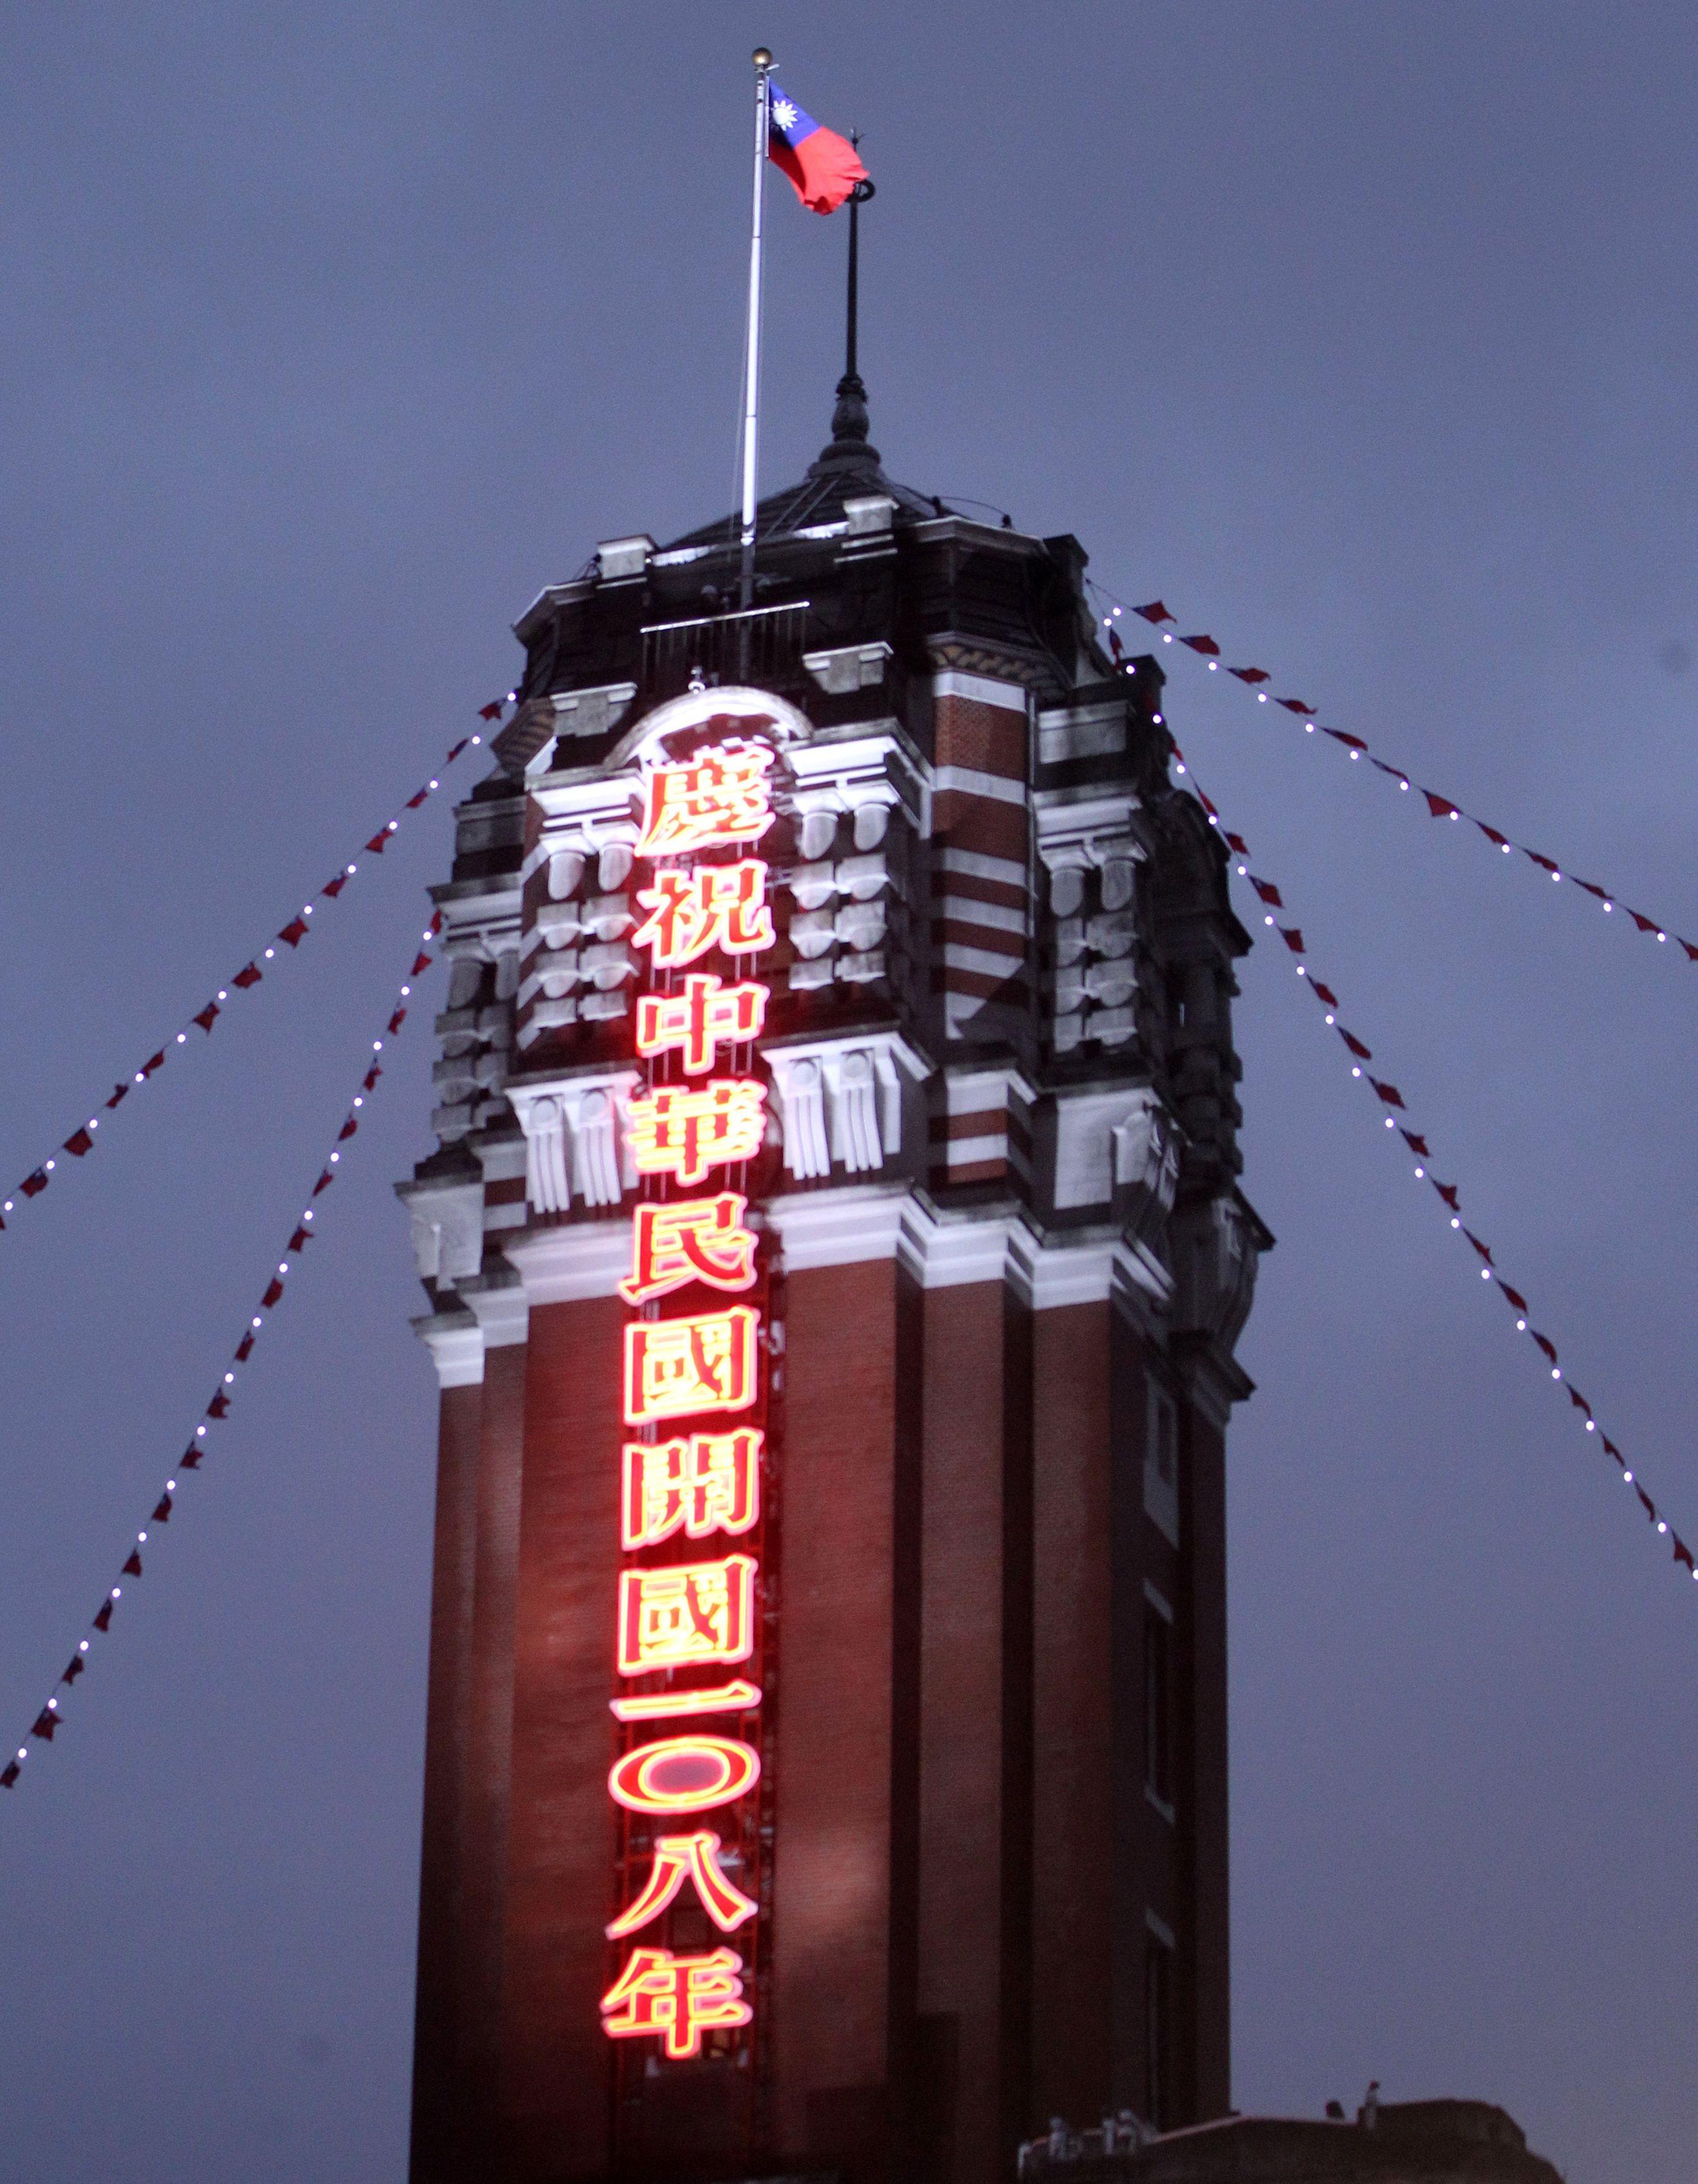 中華民國108年元旦升旗典禮。(記者邱榮吉/攝影)